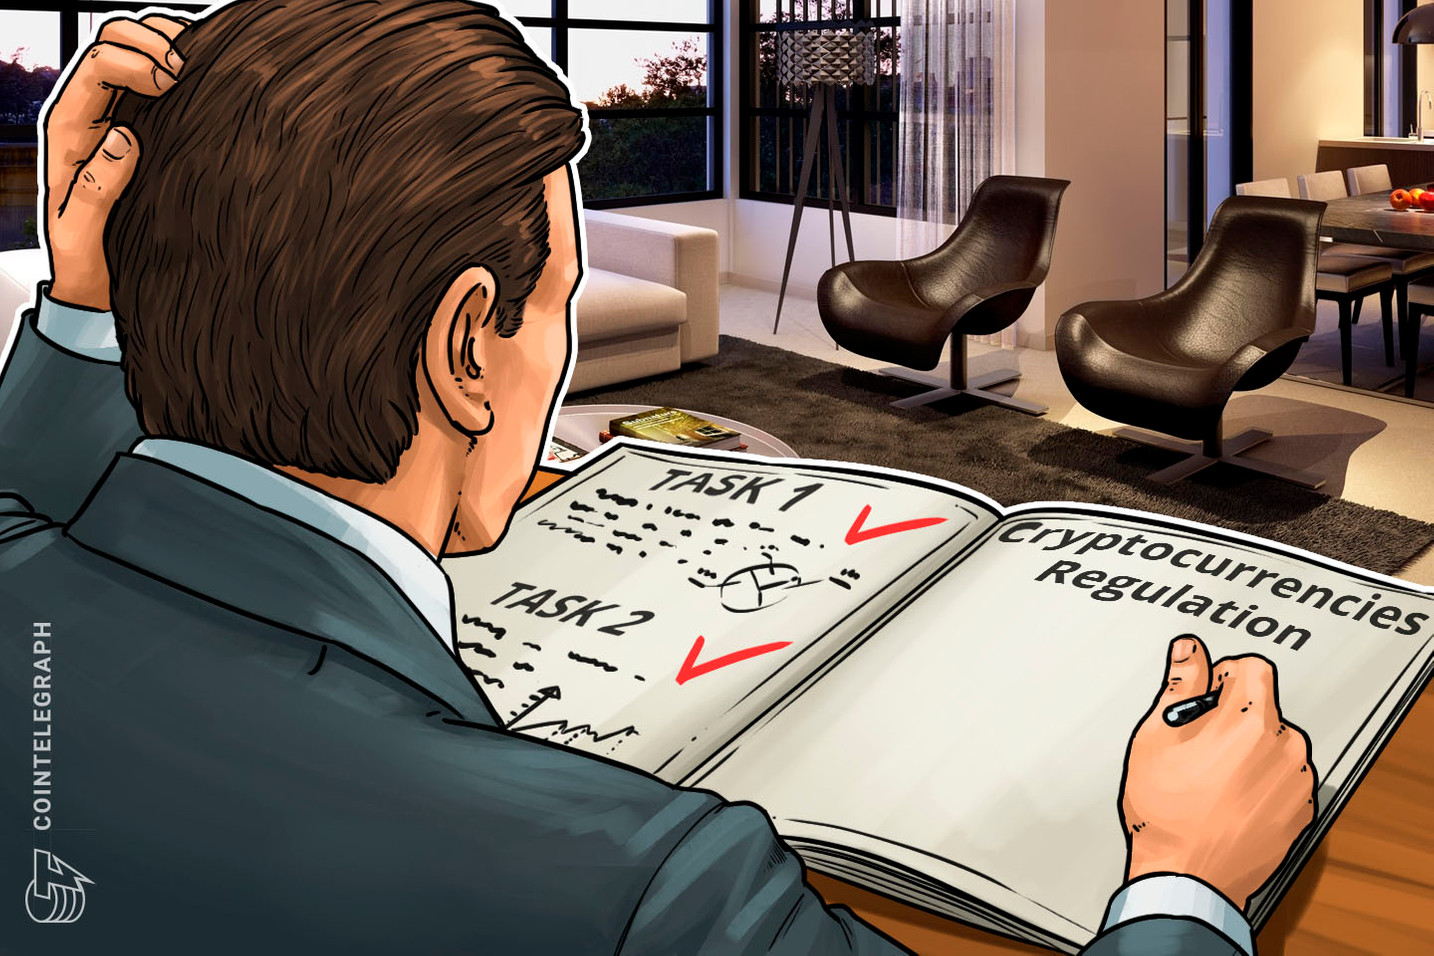 El GAFI fortalecerá el control sobre los exchanges de criptomonedas para prevenir el lavado de dinero